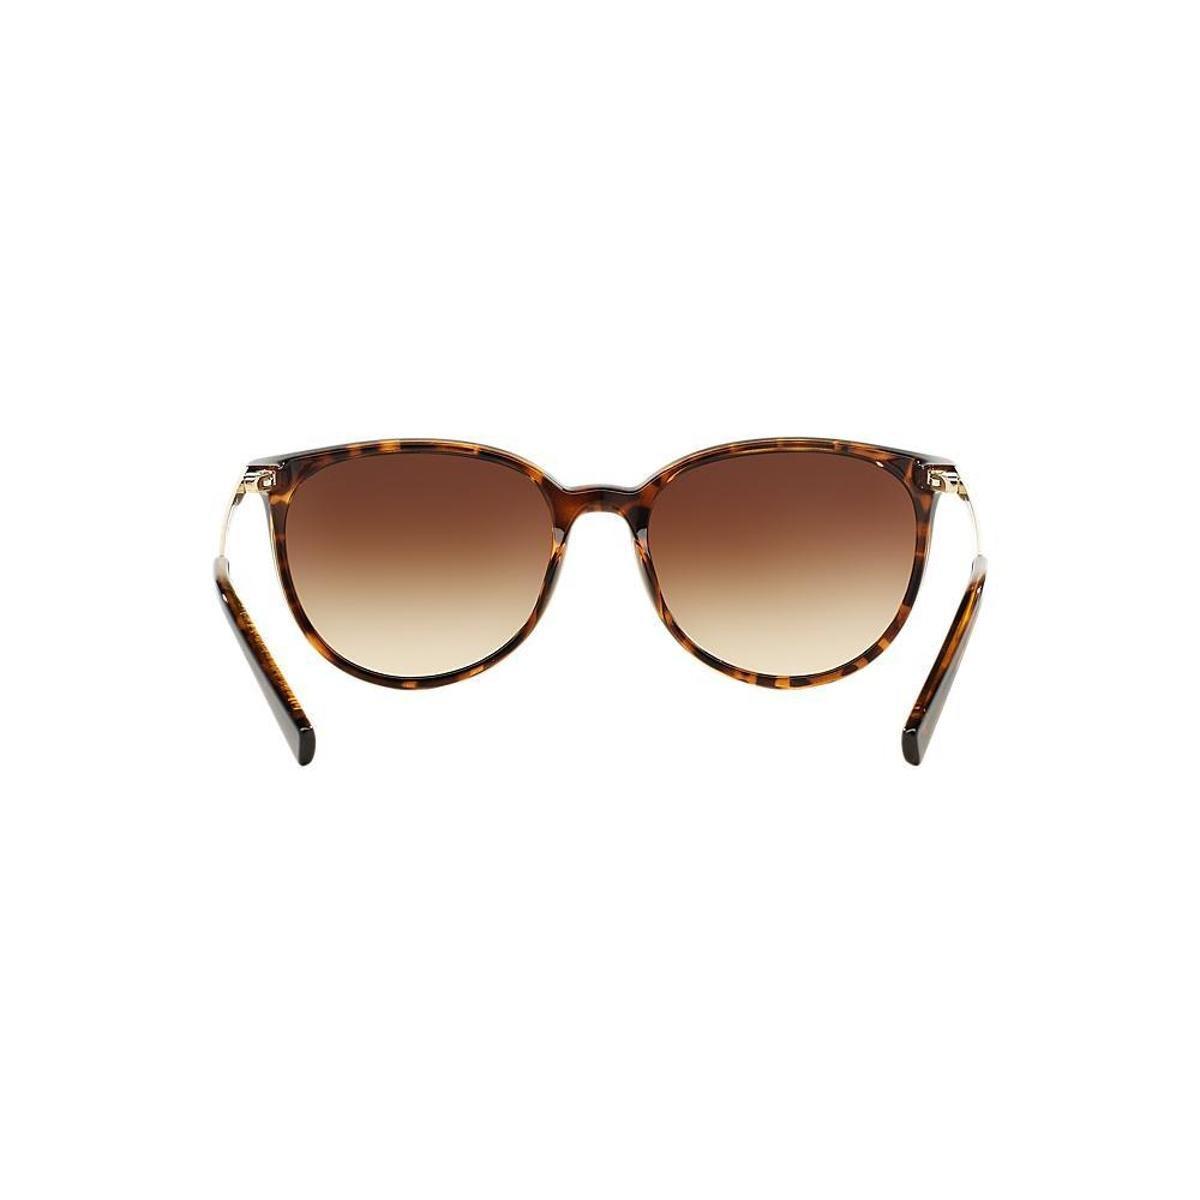 Óculos de Sol Armani Exchange Redondo AX4048SL Feminino - Compre ... 7edbc02d01